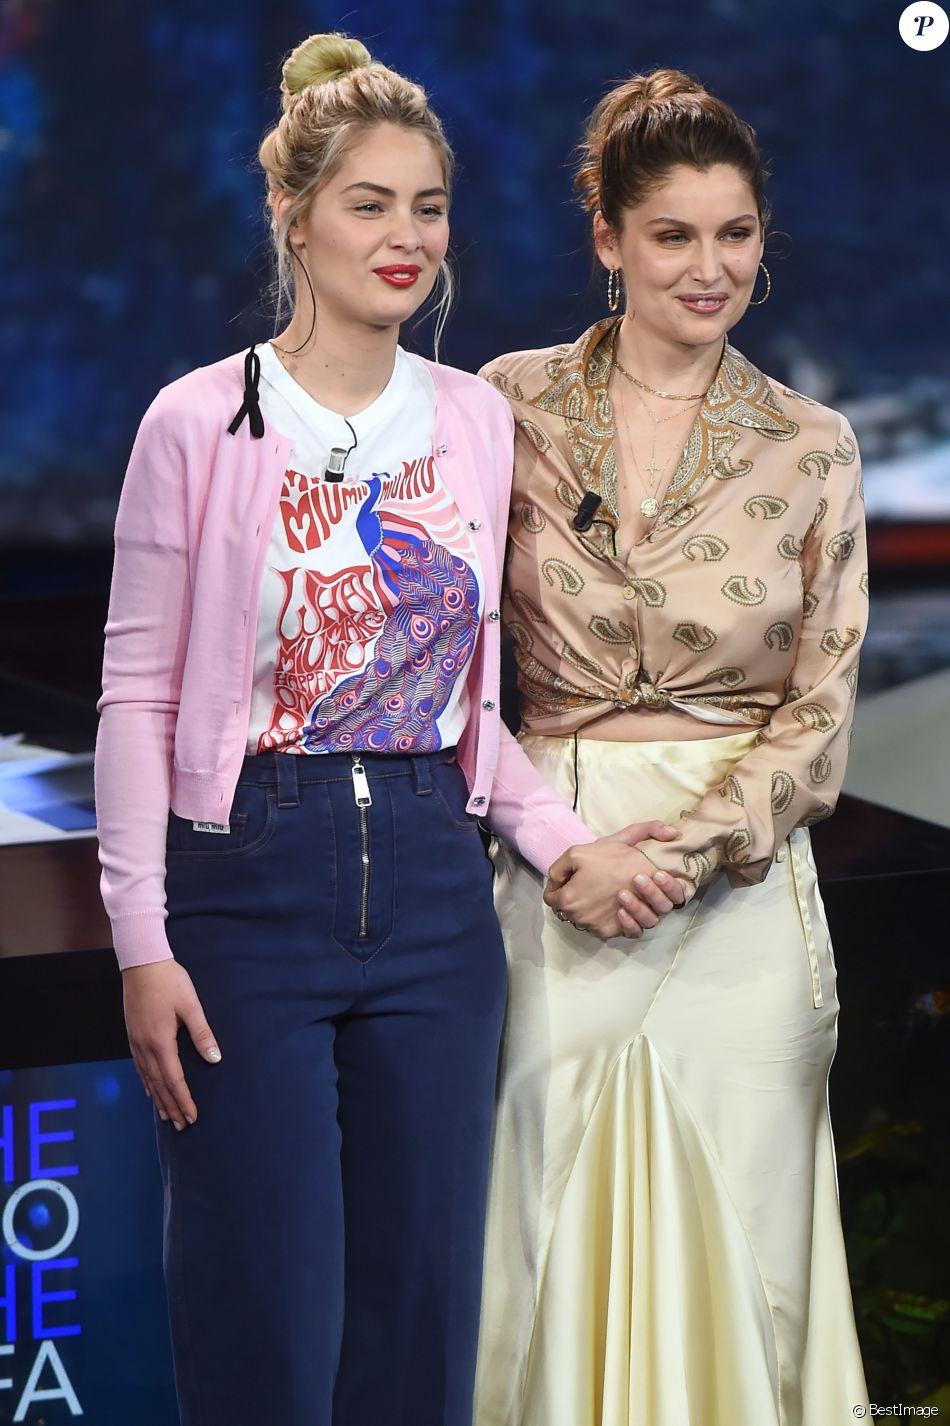 """Marie-Ange Casta et sa soeur Laetitia Casta - Emission """"Che Tempo Che Fa"""" à Milan en Italie le 7 avril 2019.  Episode Of The Tv Show -Che Tempo Che Fa- Milan- Italy 07 April 201907/04/2019 -"""